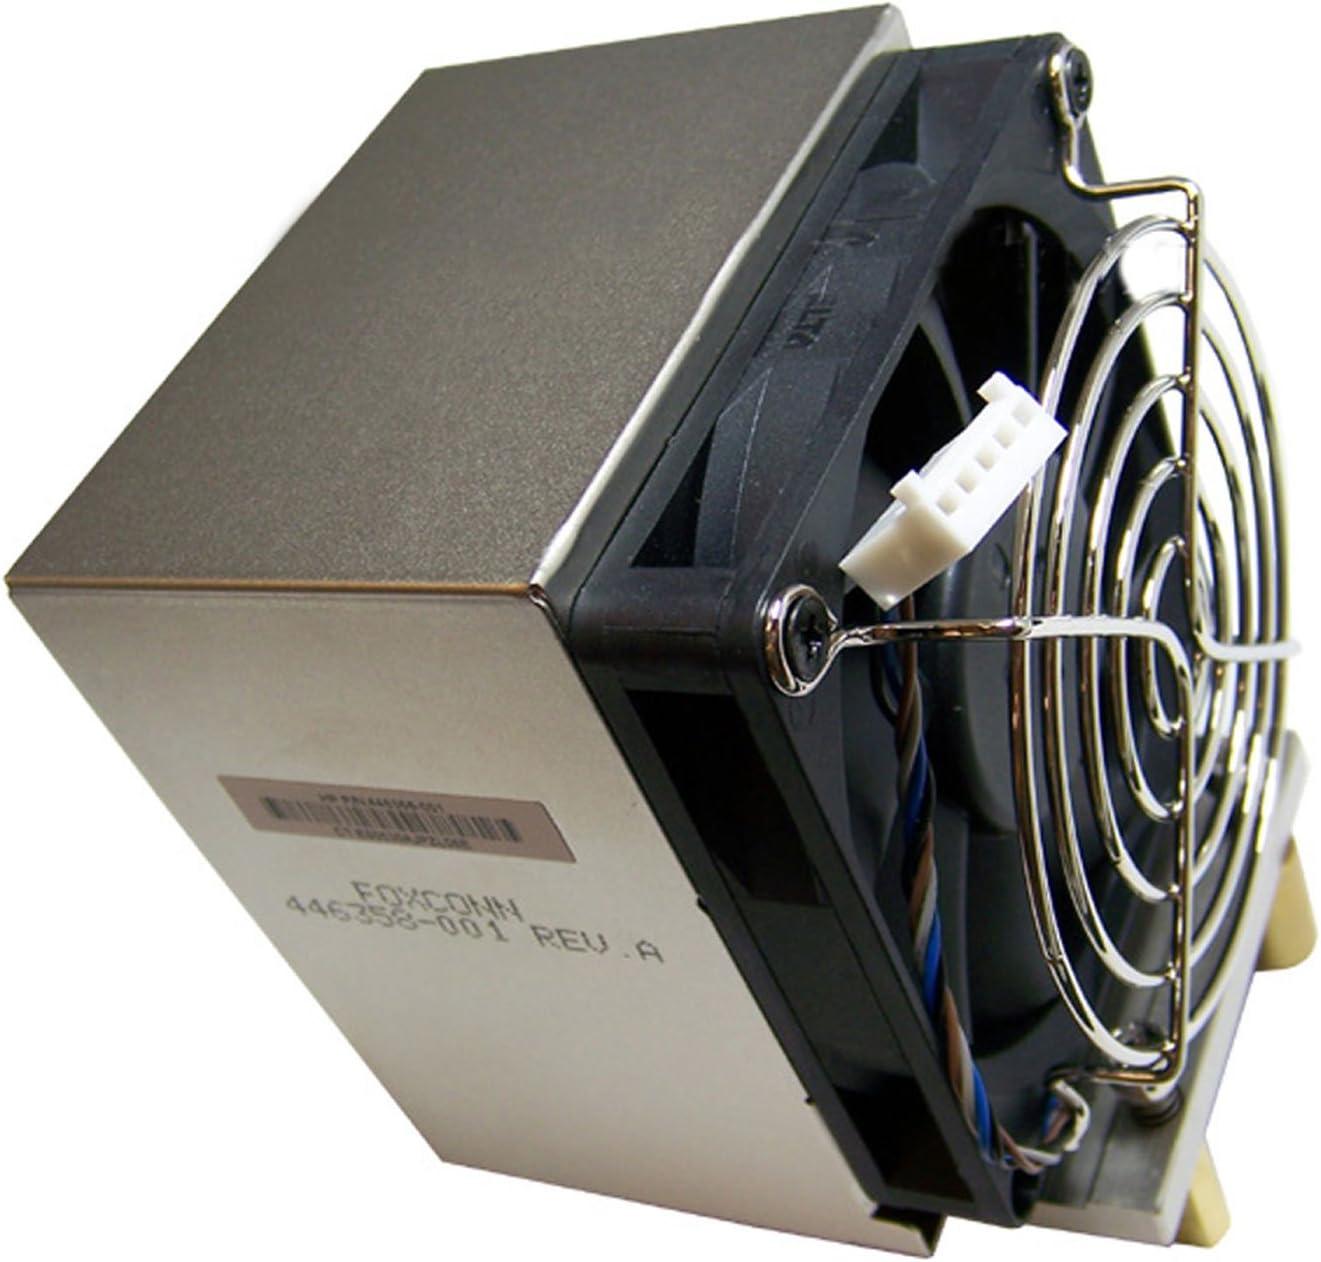 HP xw8600 xw6600 Heatsink with Fan 446358-001 Foxconn Rev.A Heatsink-Fan